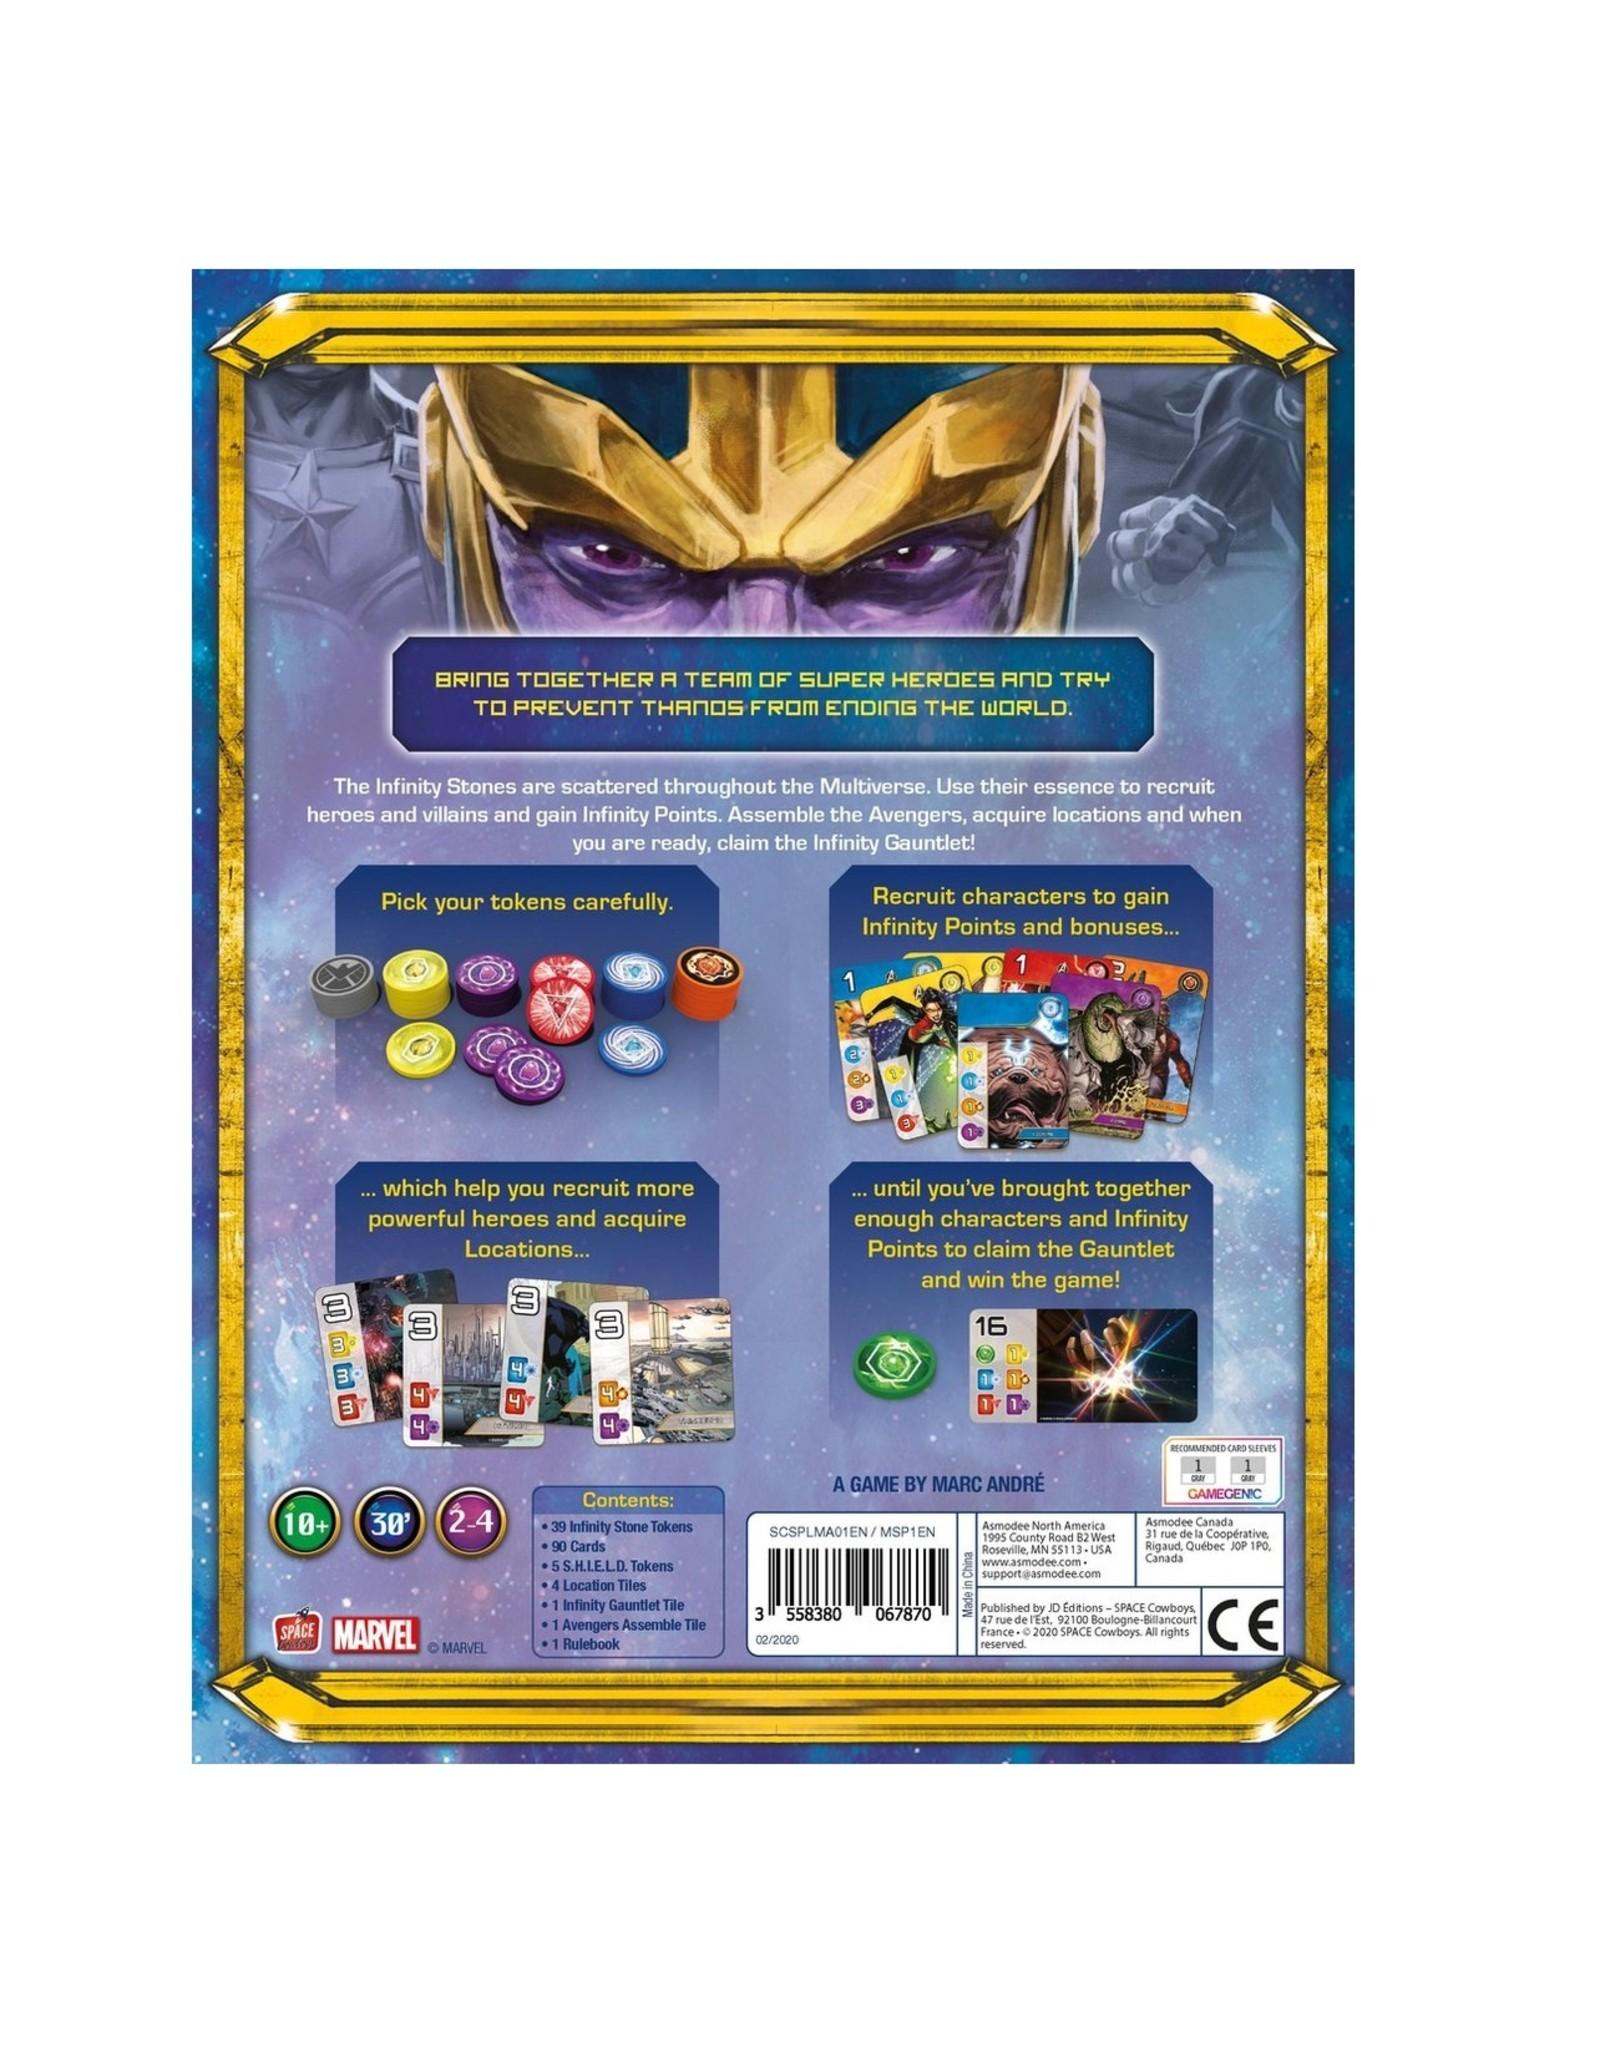 Splendor - Marvel - Bordspel - Engelstalige versie